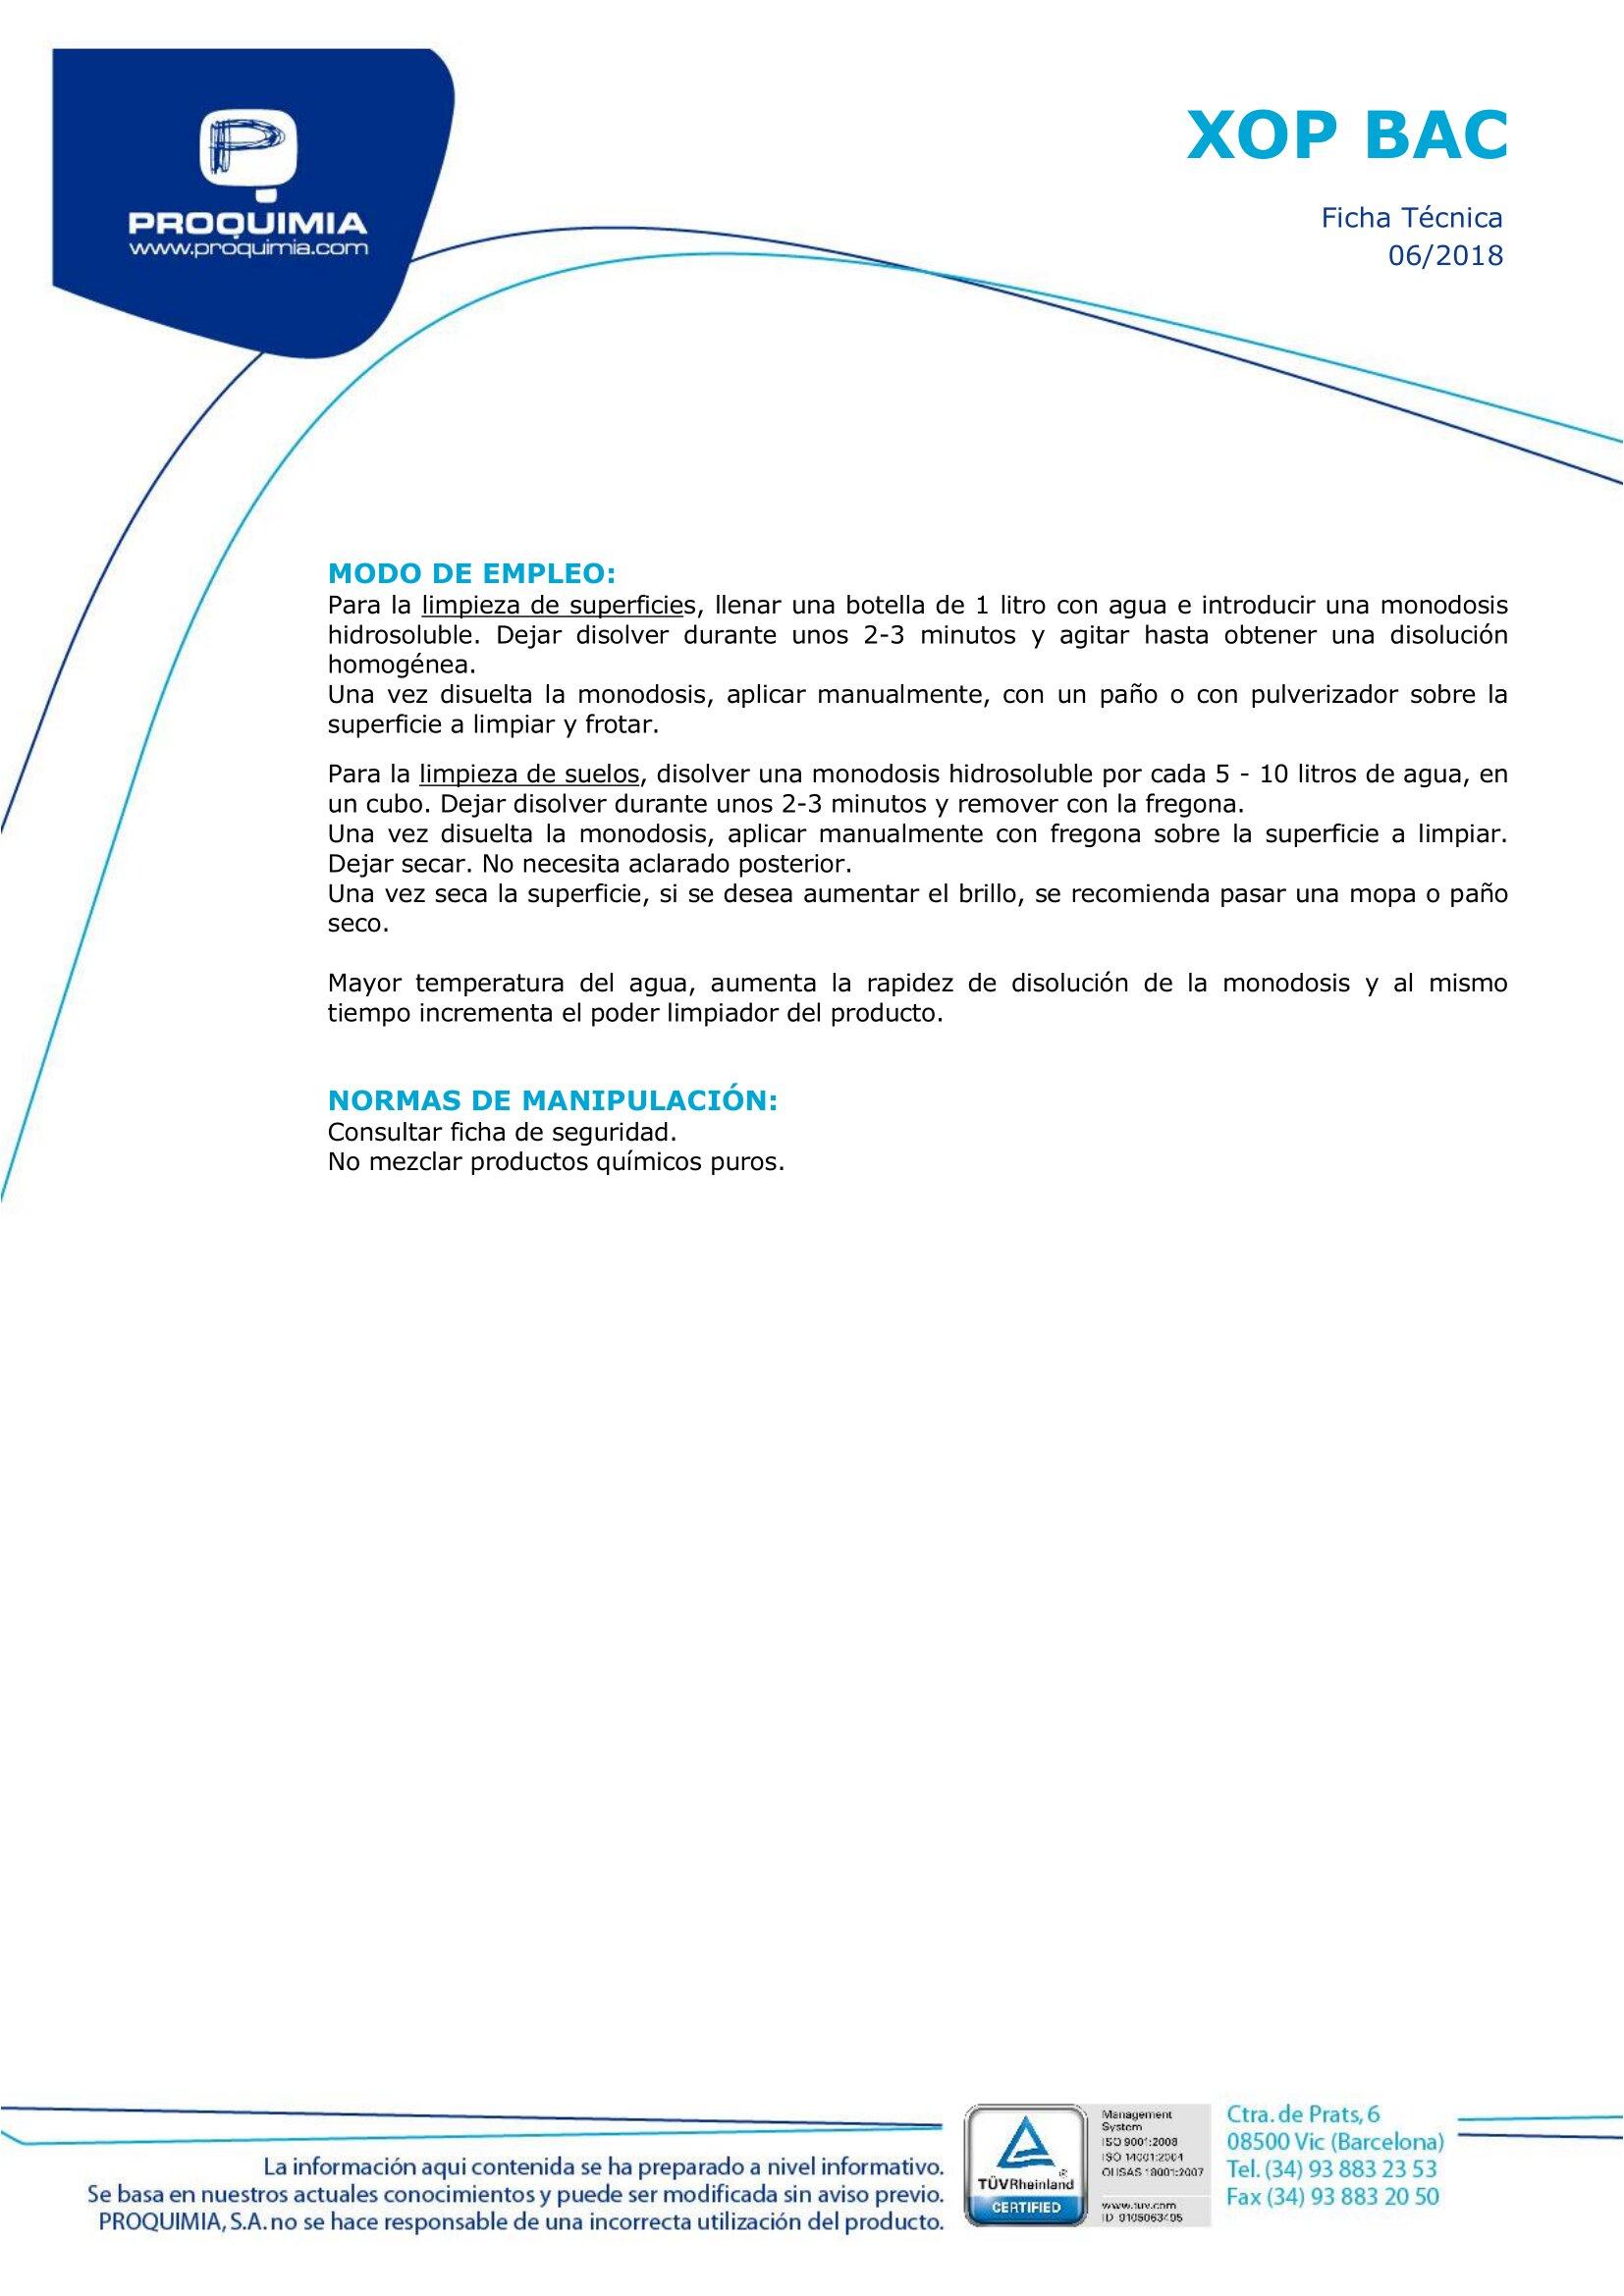 SAFIR FISIOTERAPIA CORUA BIOCIDA XOP BAC_0002jpg